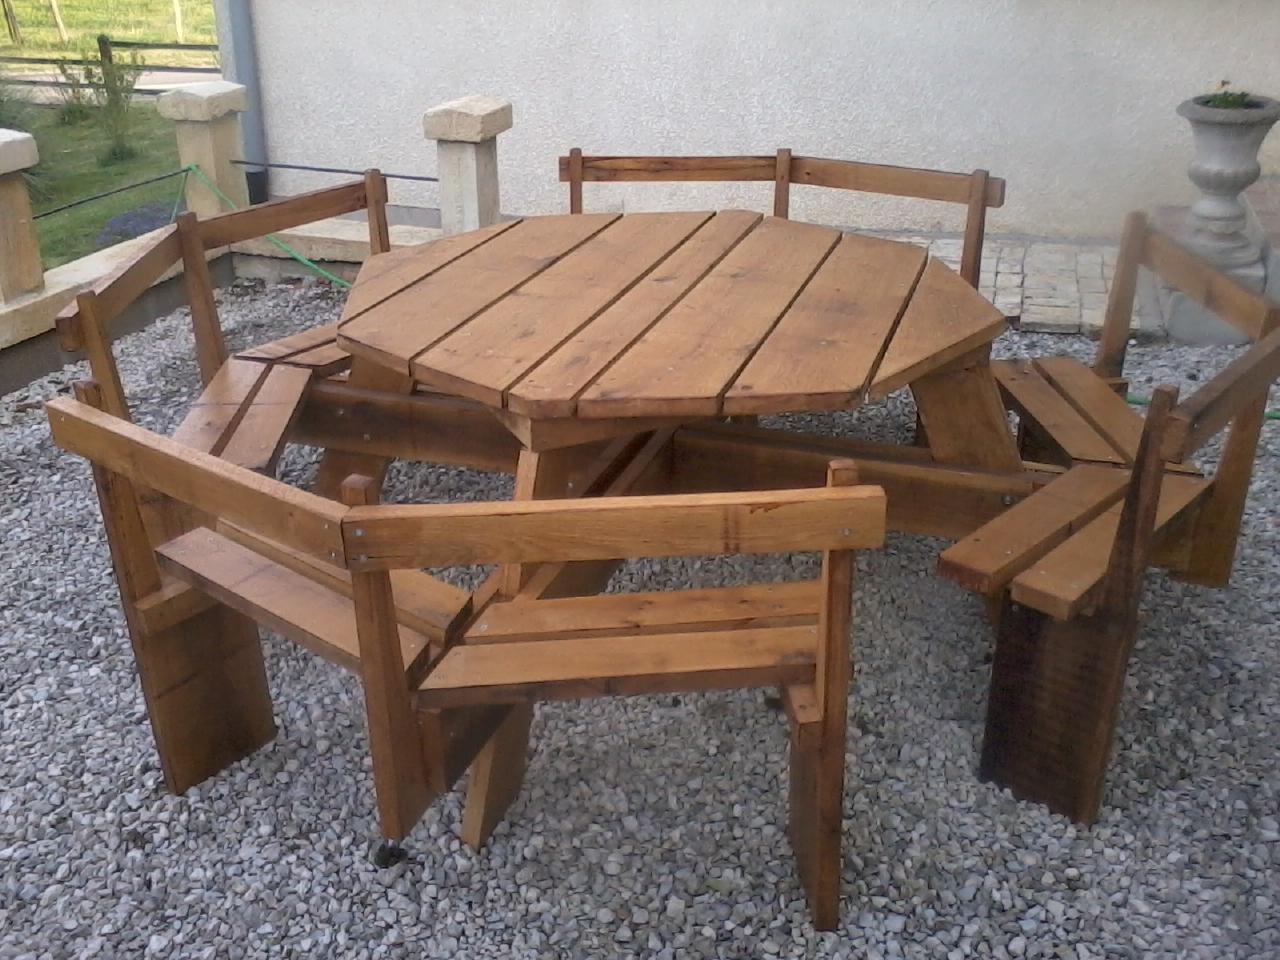 Nouveauté : table octogonale (à venir)